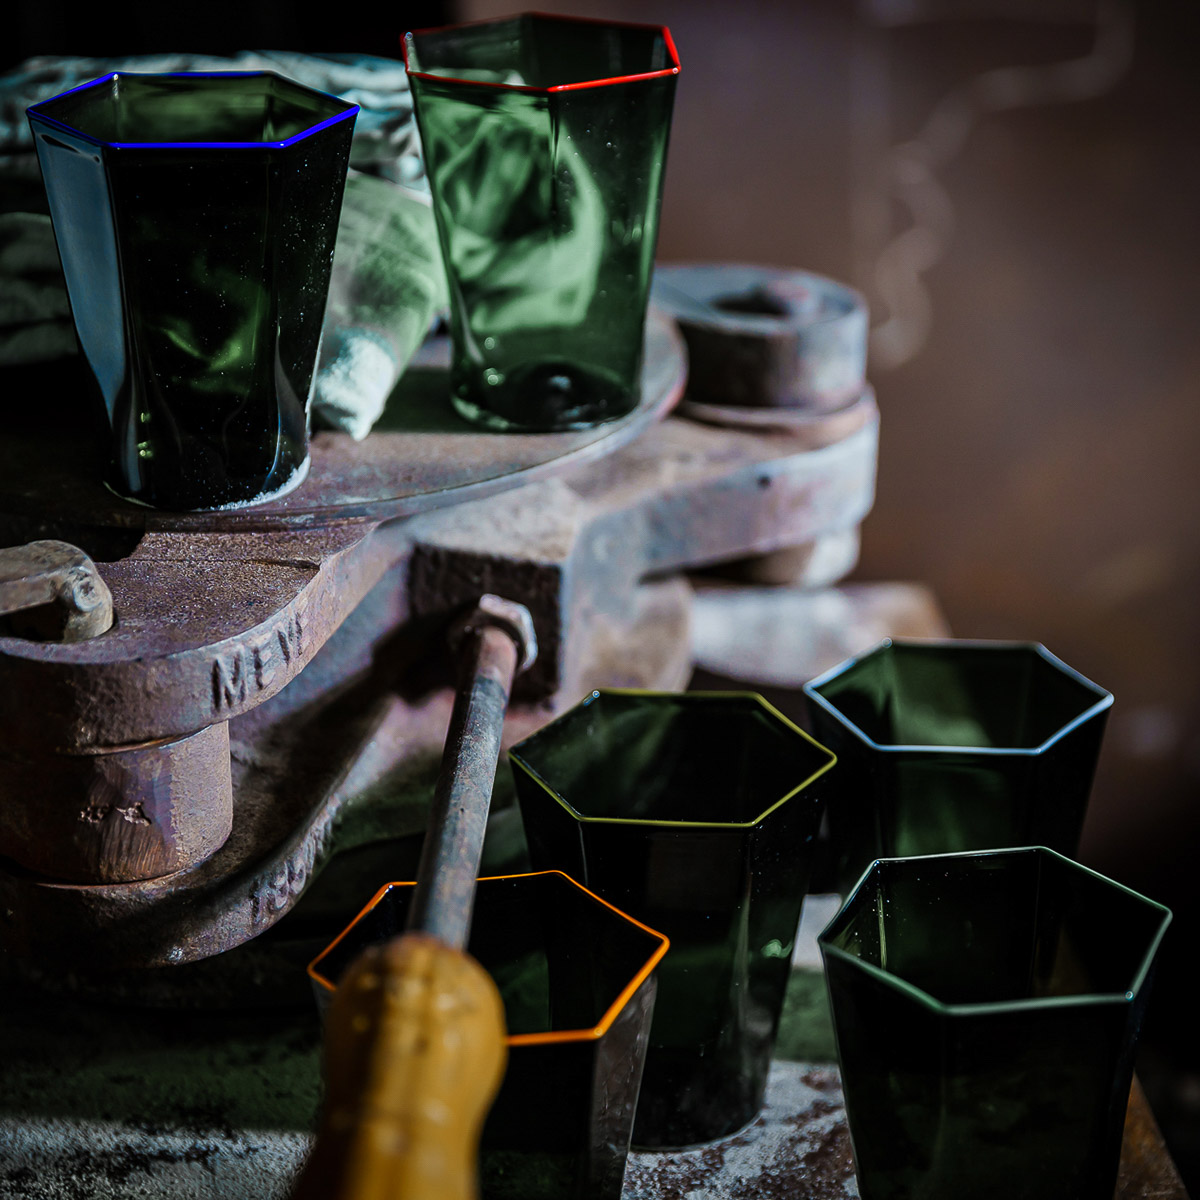 laguna-glass-green-yellow-rim-giberto-handmade-murano-water